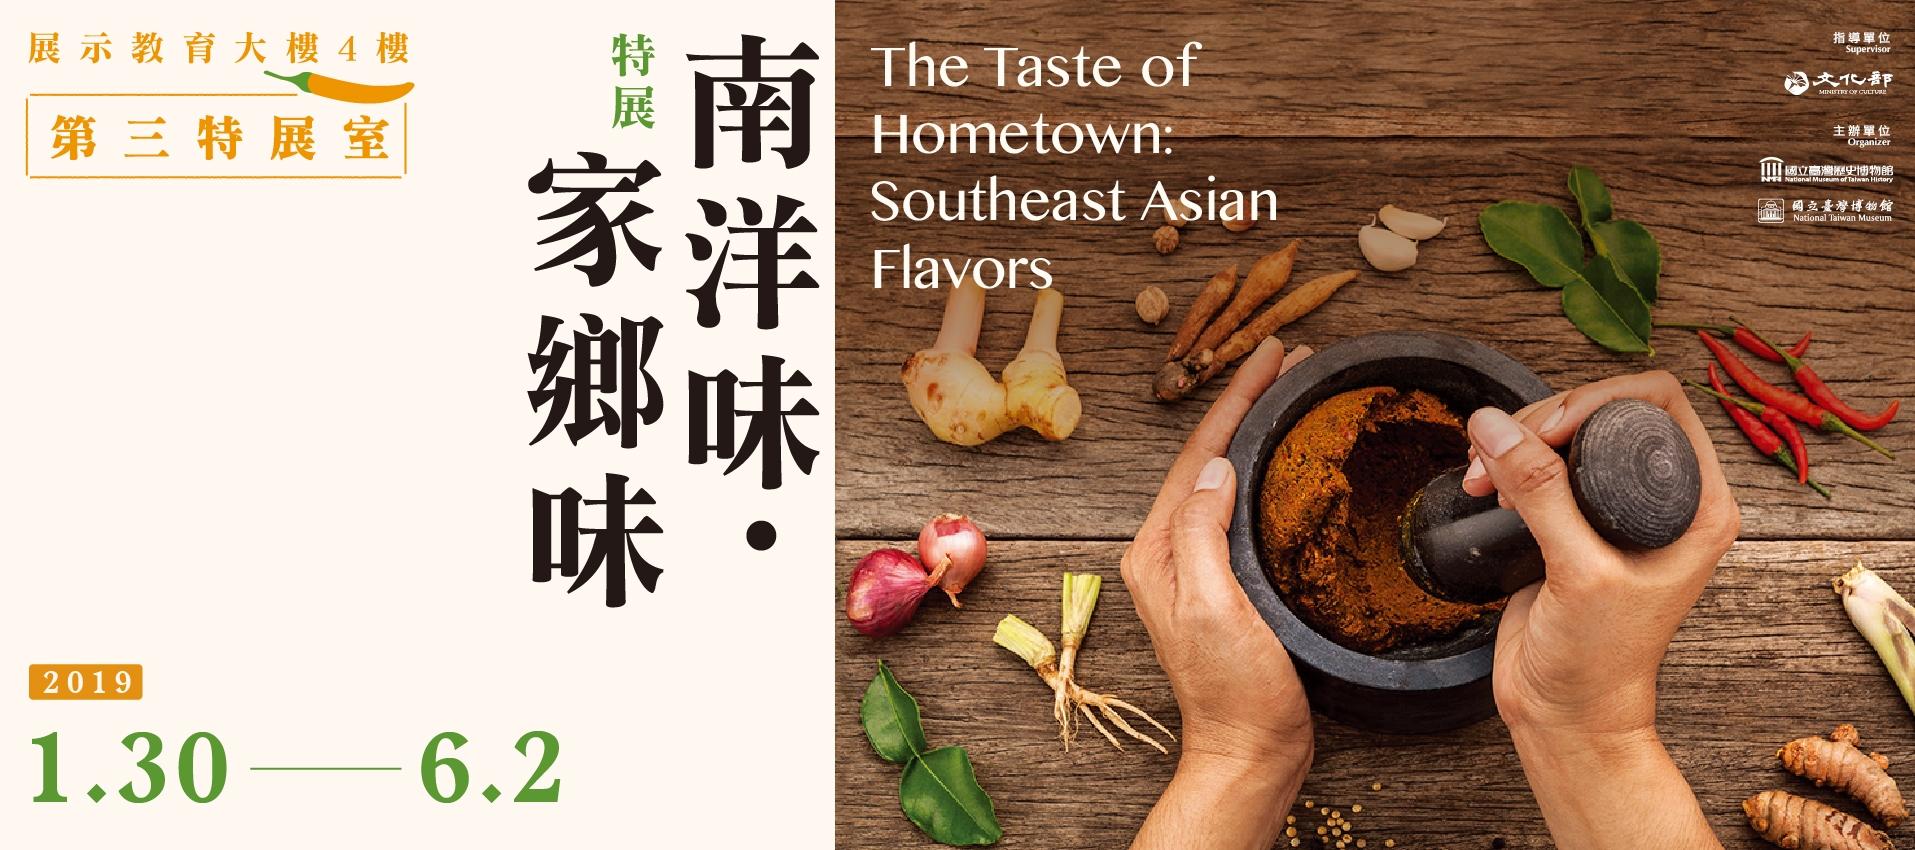 南洋の味・故郷の味特別展